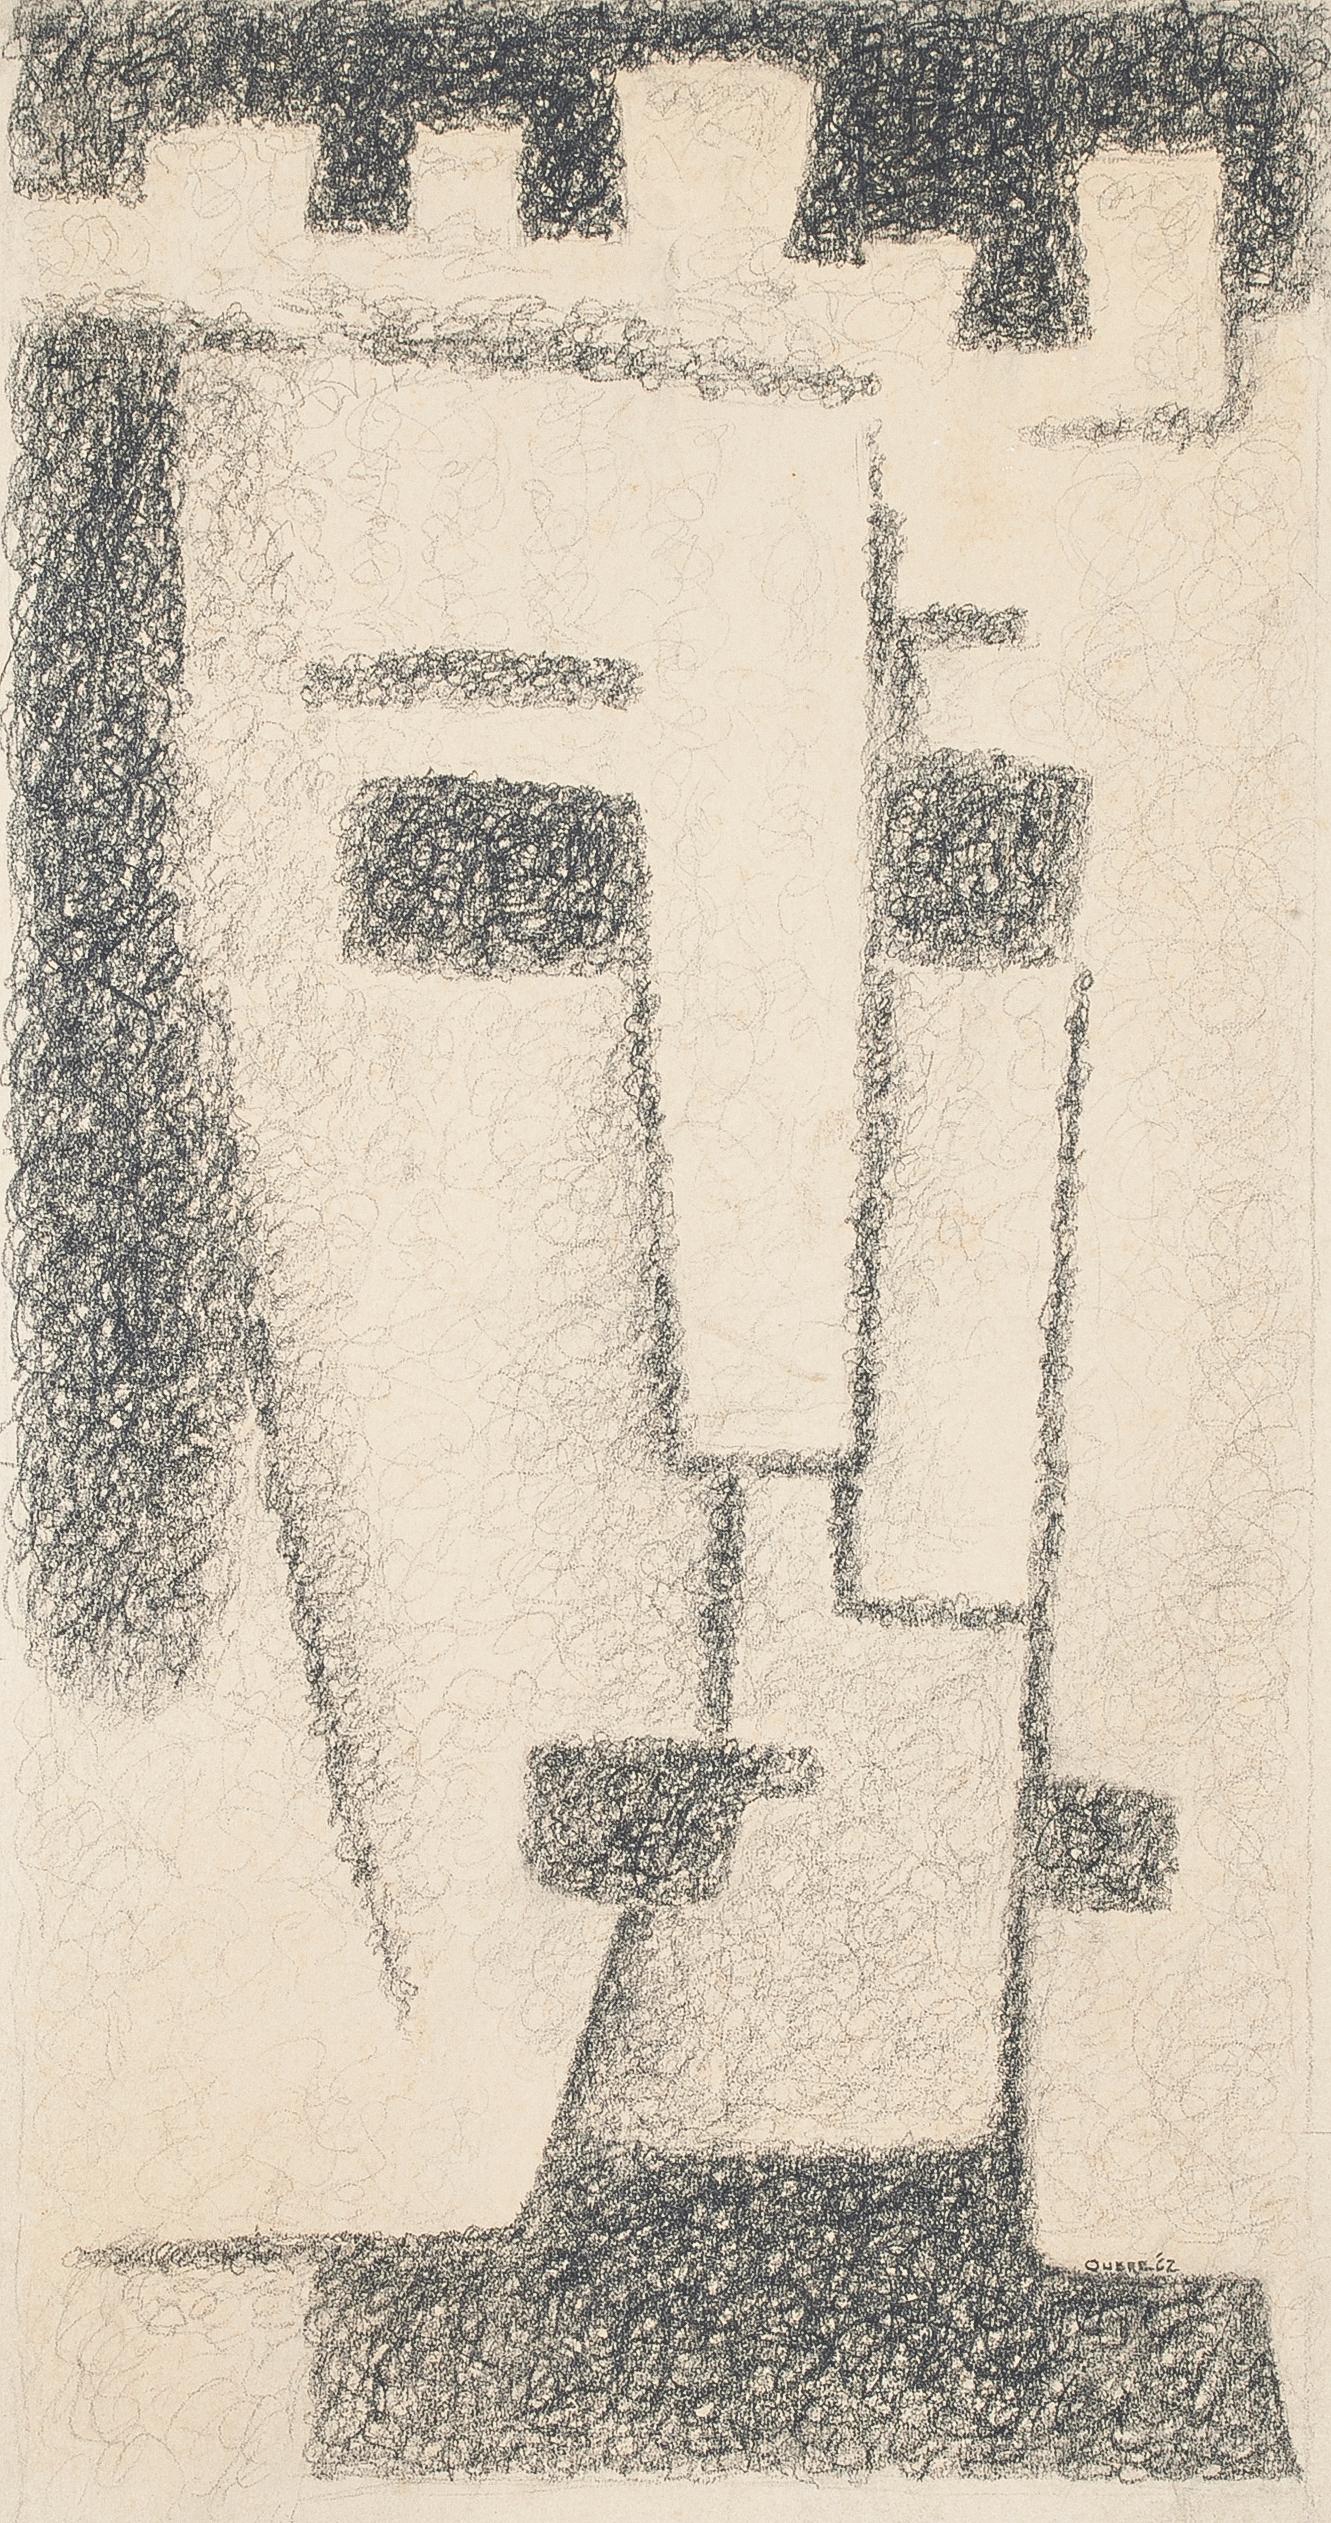 (Portrait)